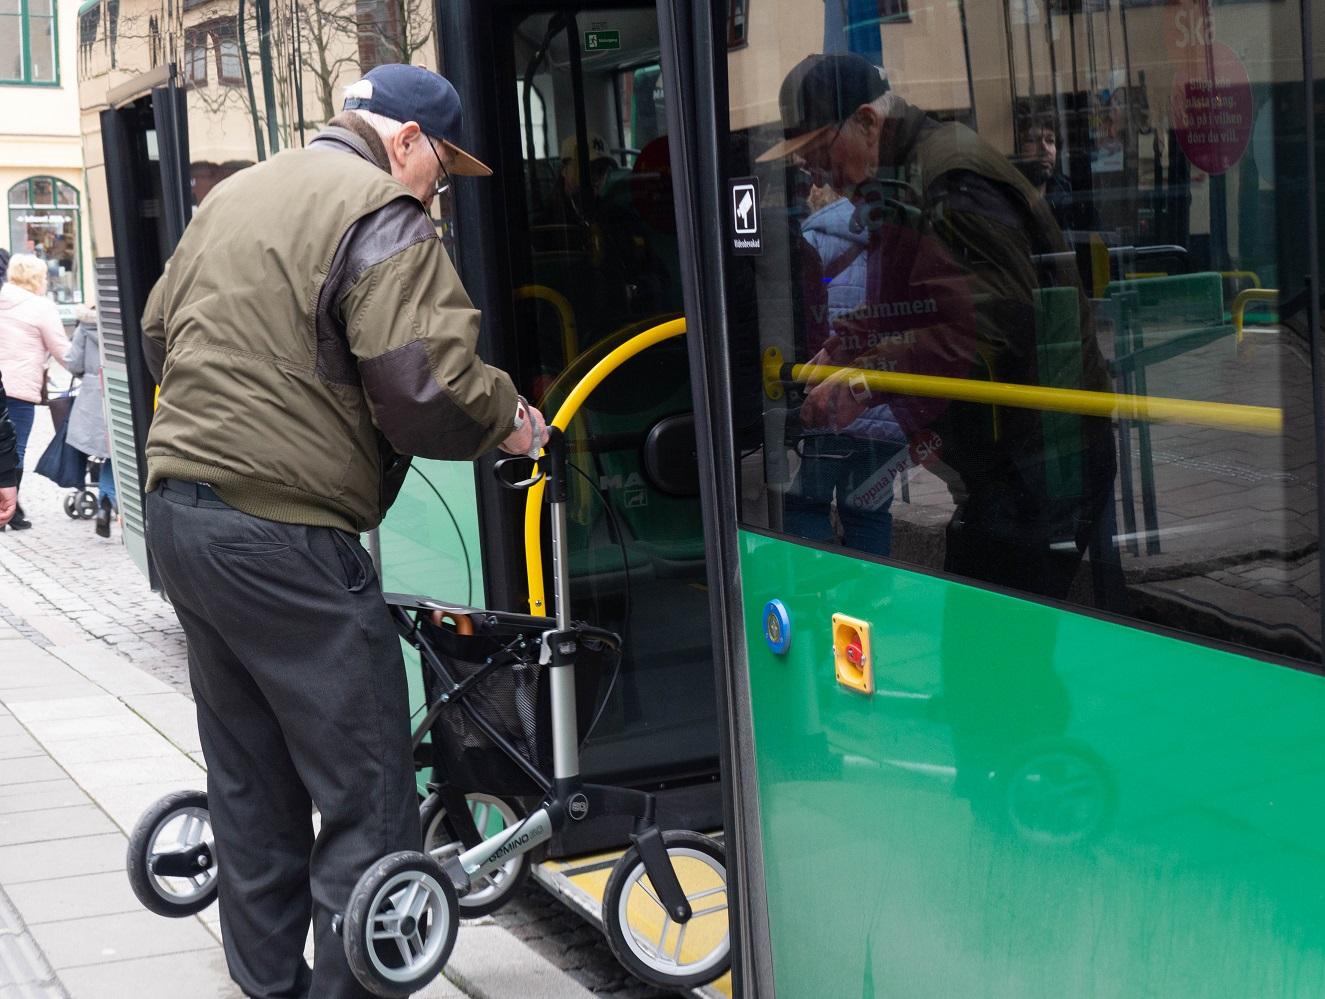 en man i keps lyfter sin rullator ombord på en grön buss